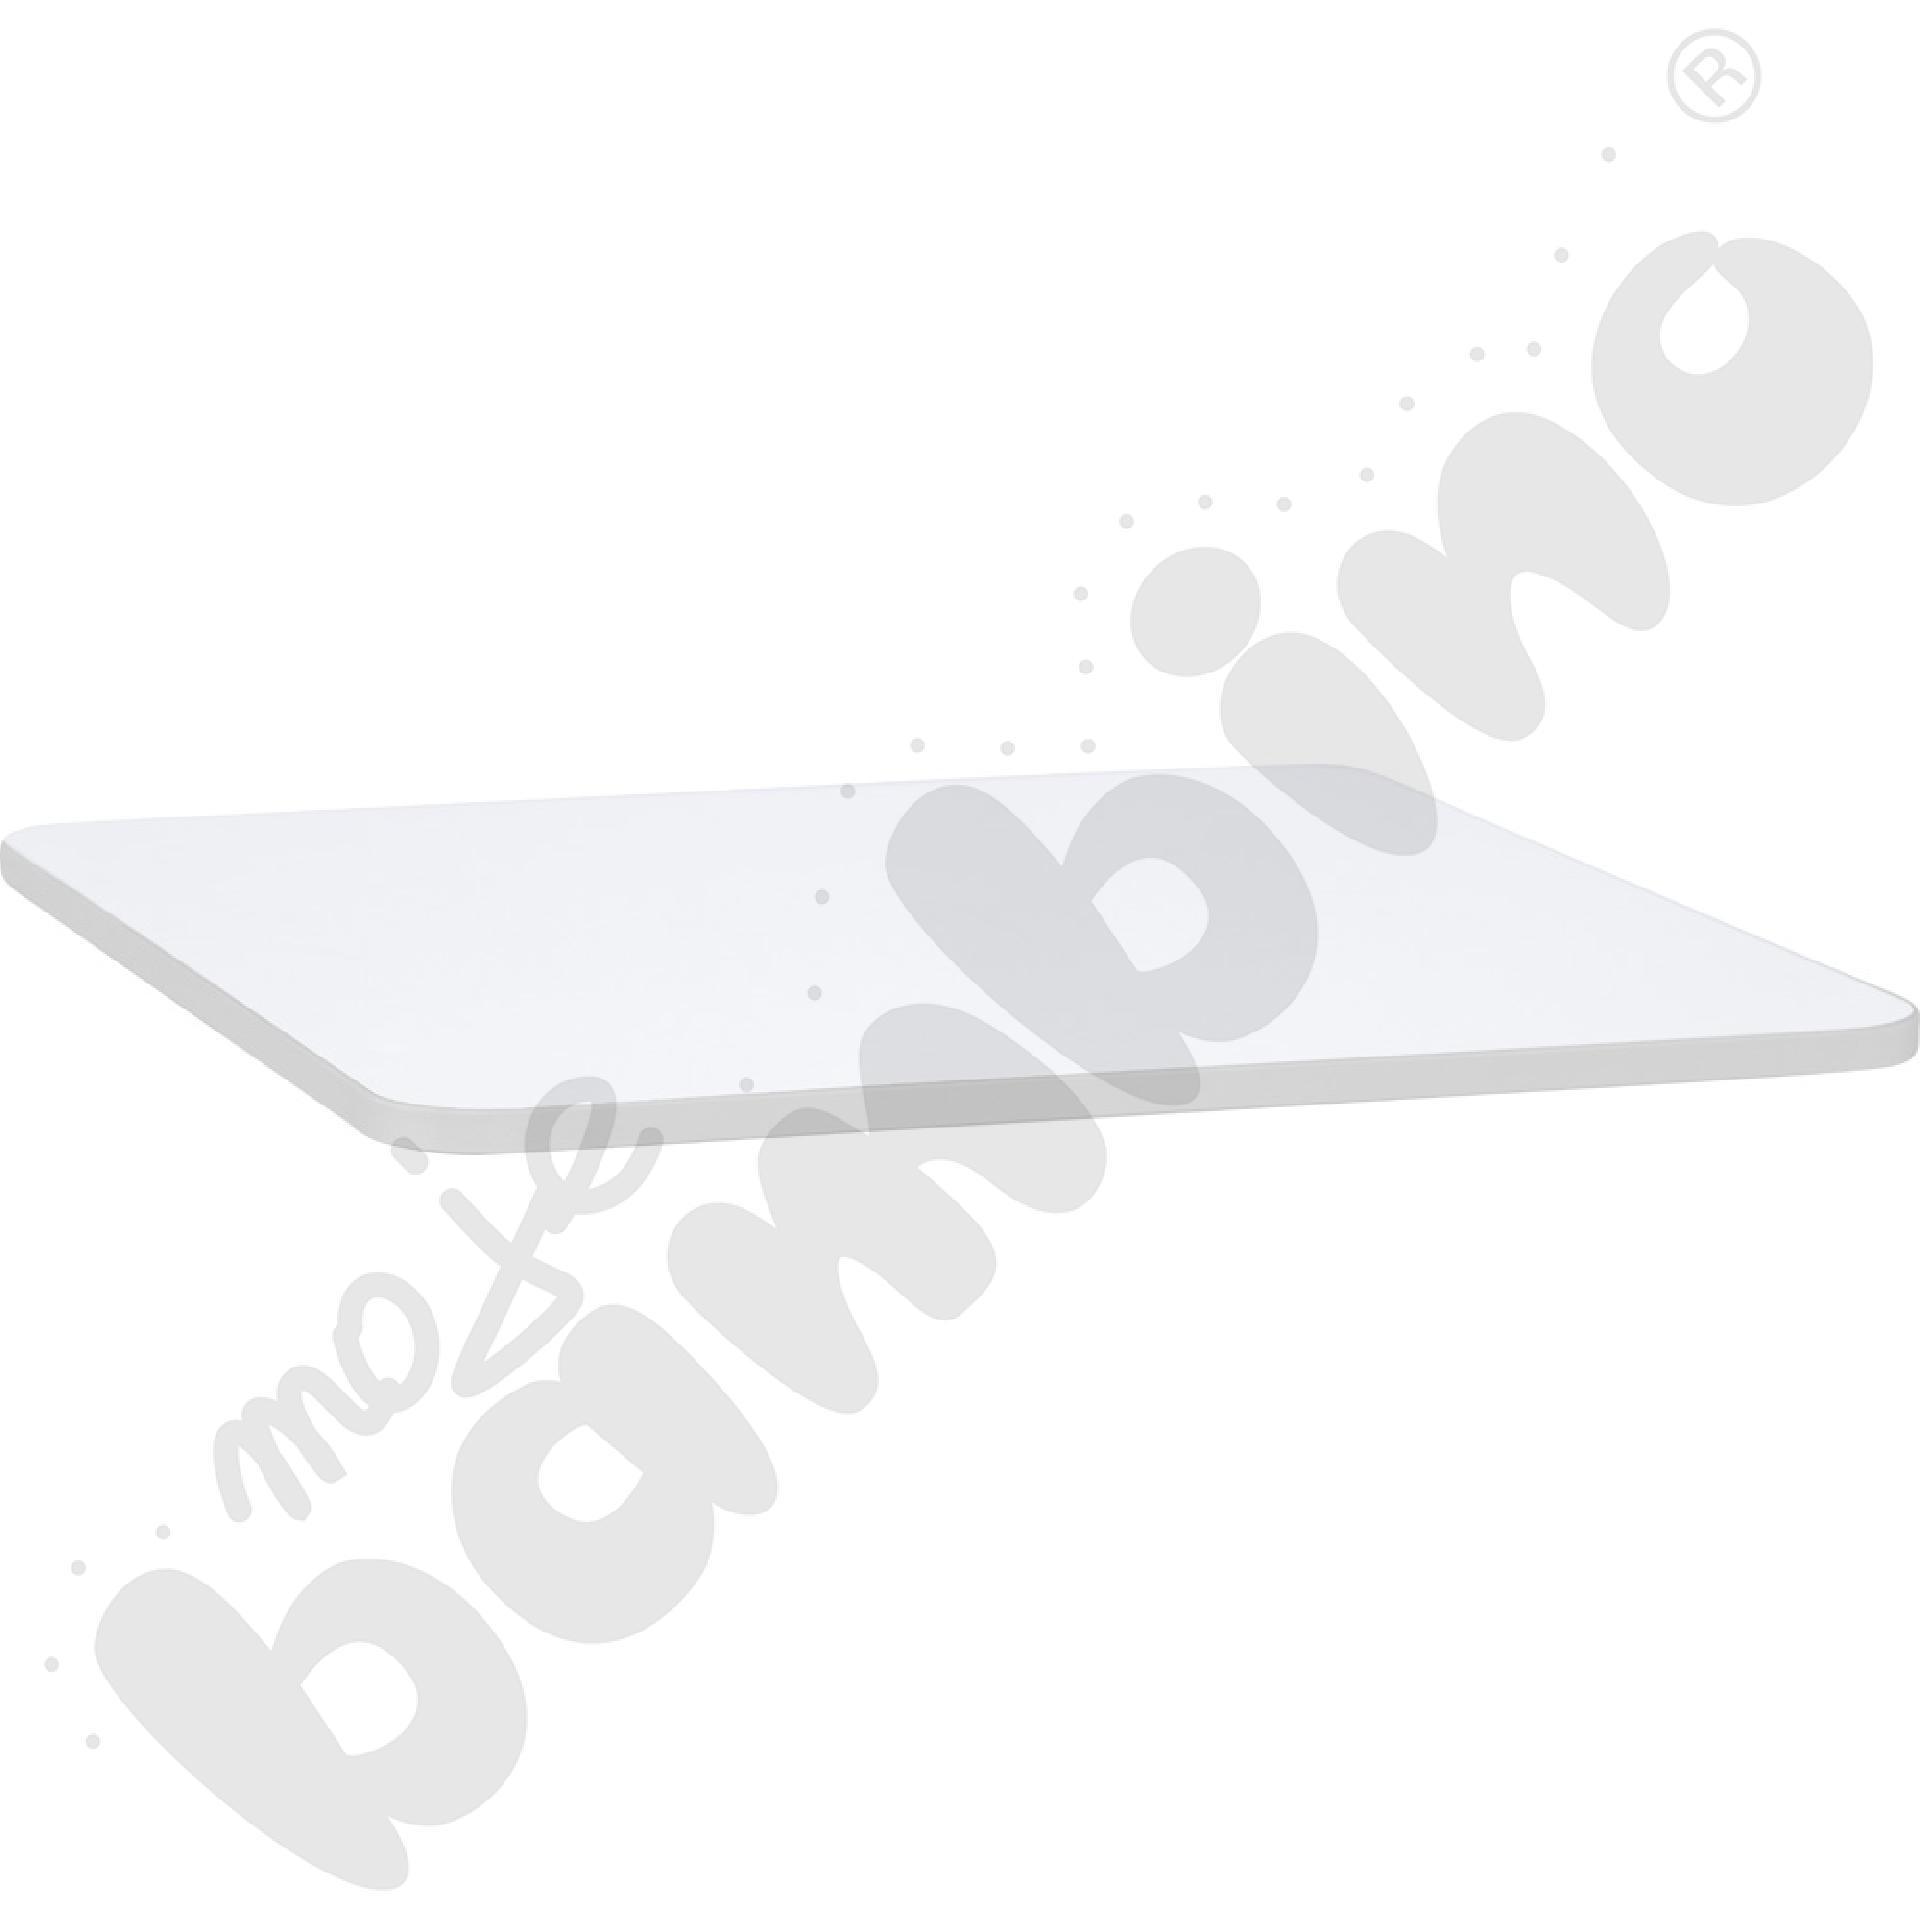 Blat Quadro biały kwadratowy, szare obrzeże